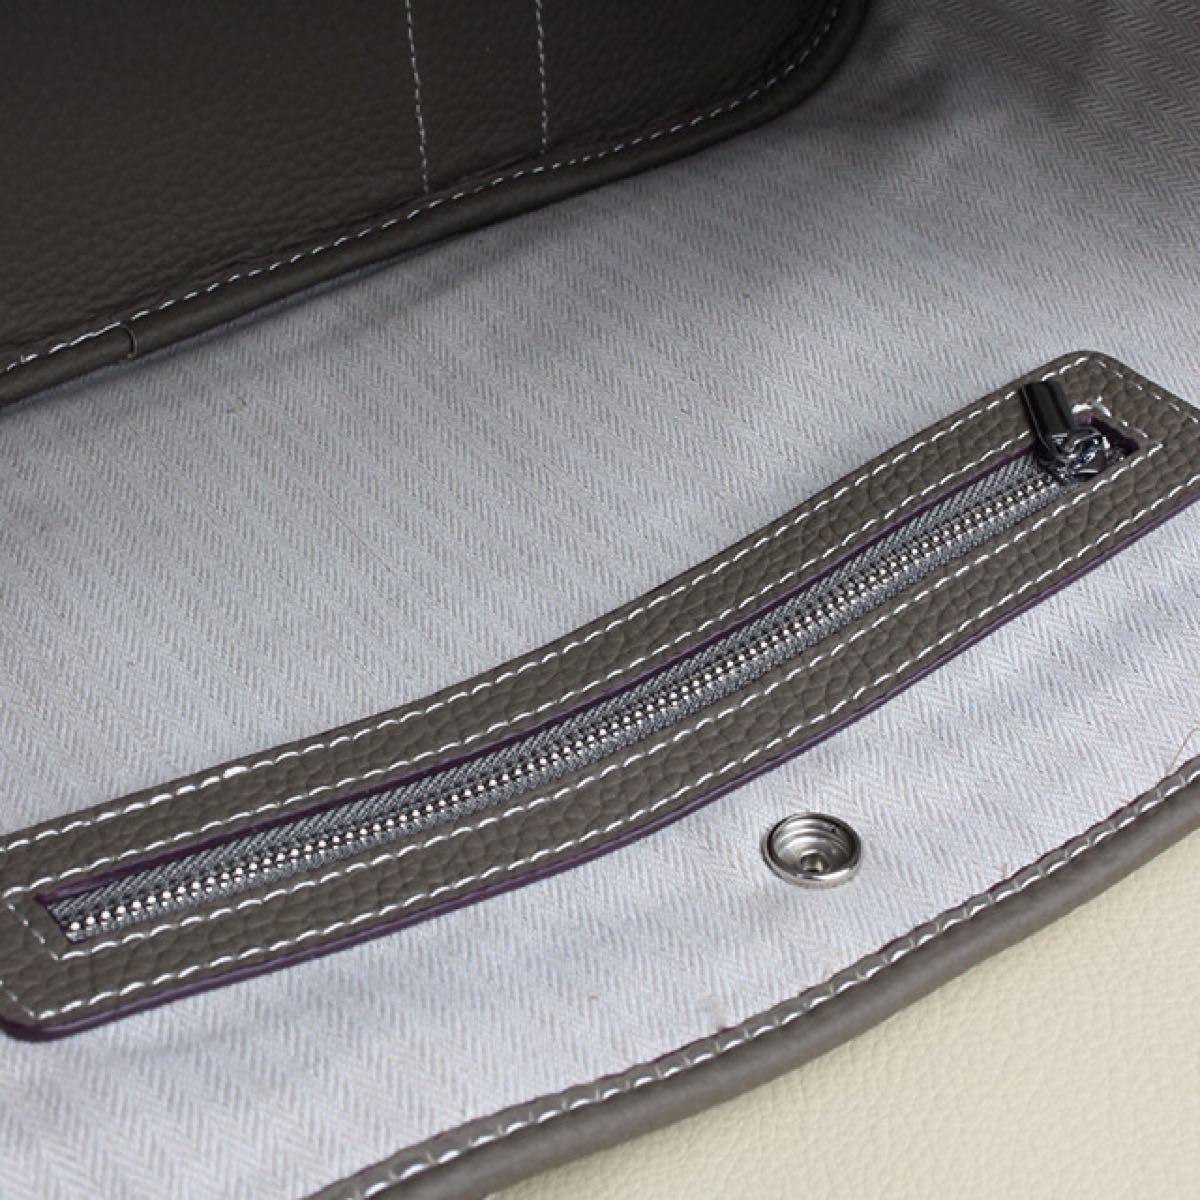 トートバッグ ショルダーバッグ 手持ちバッグ カバン バッグ 鞄 本革 ポーチ メンズ レディース ハンドバッグ トーゴレザー